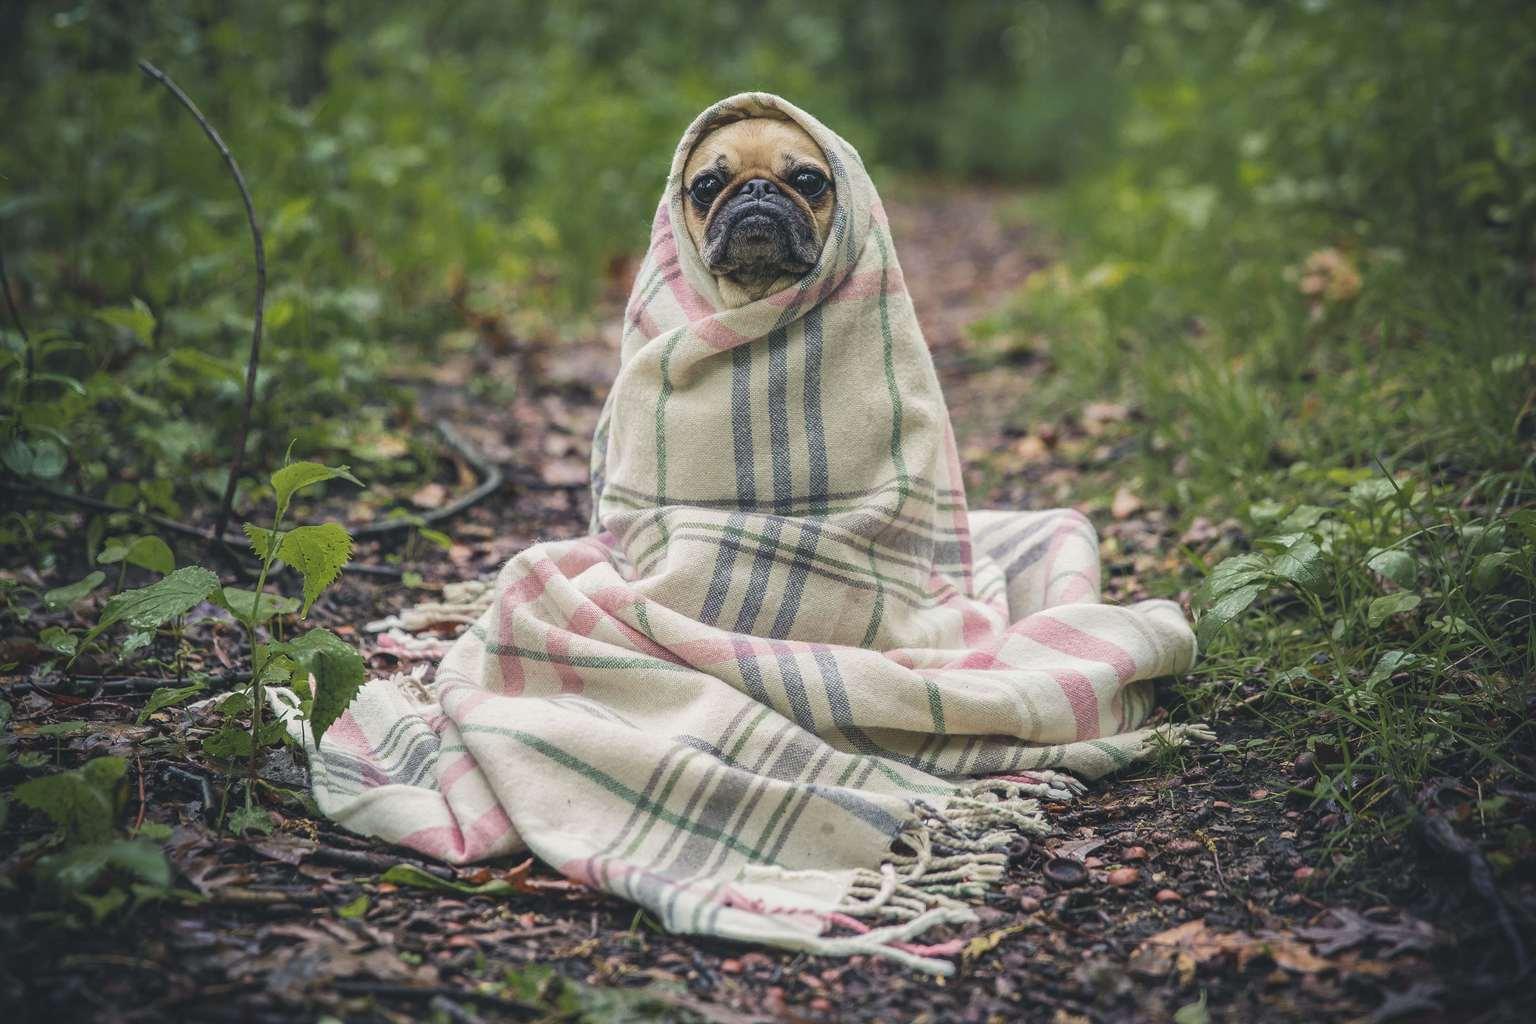 Perro abrigado para fotoreto80: frío